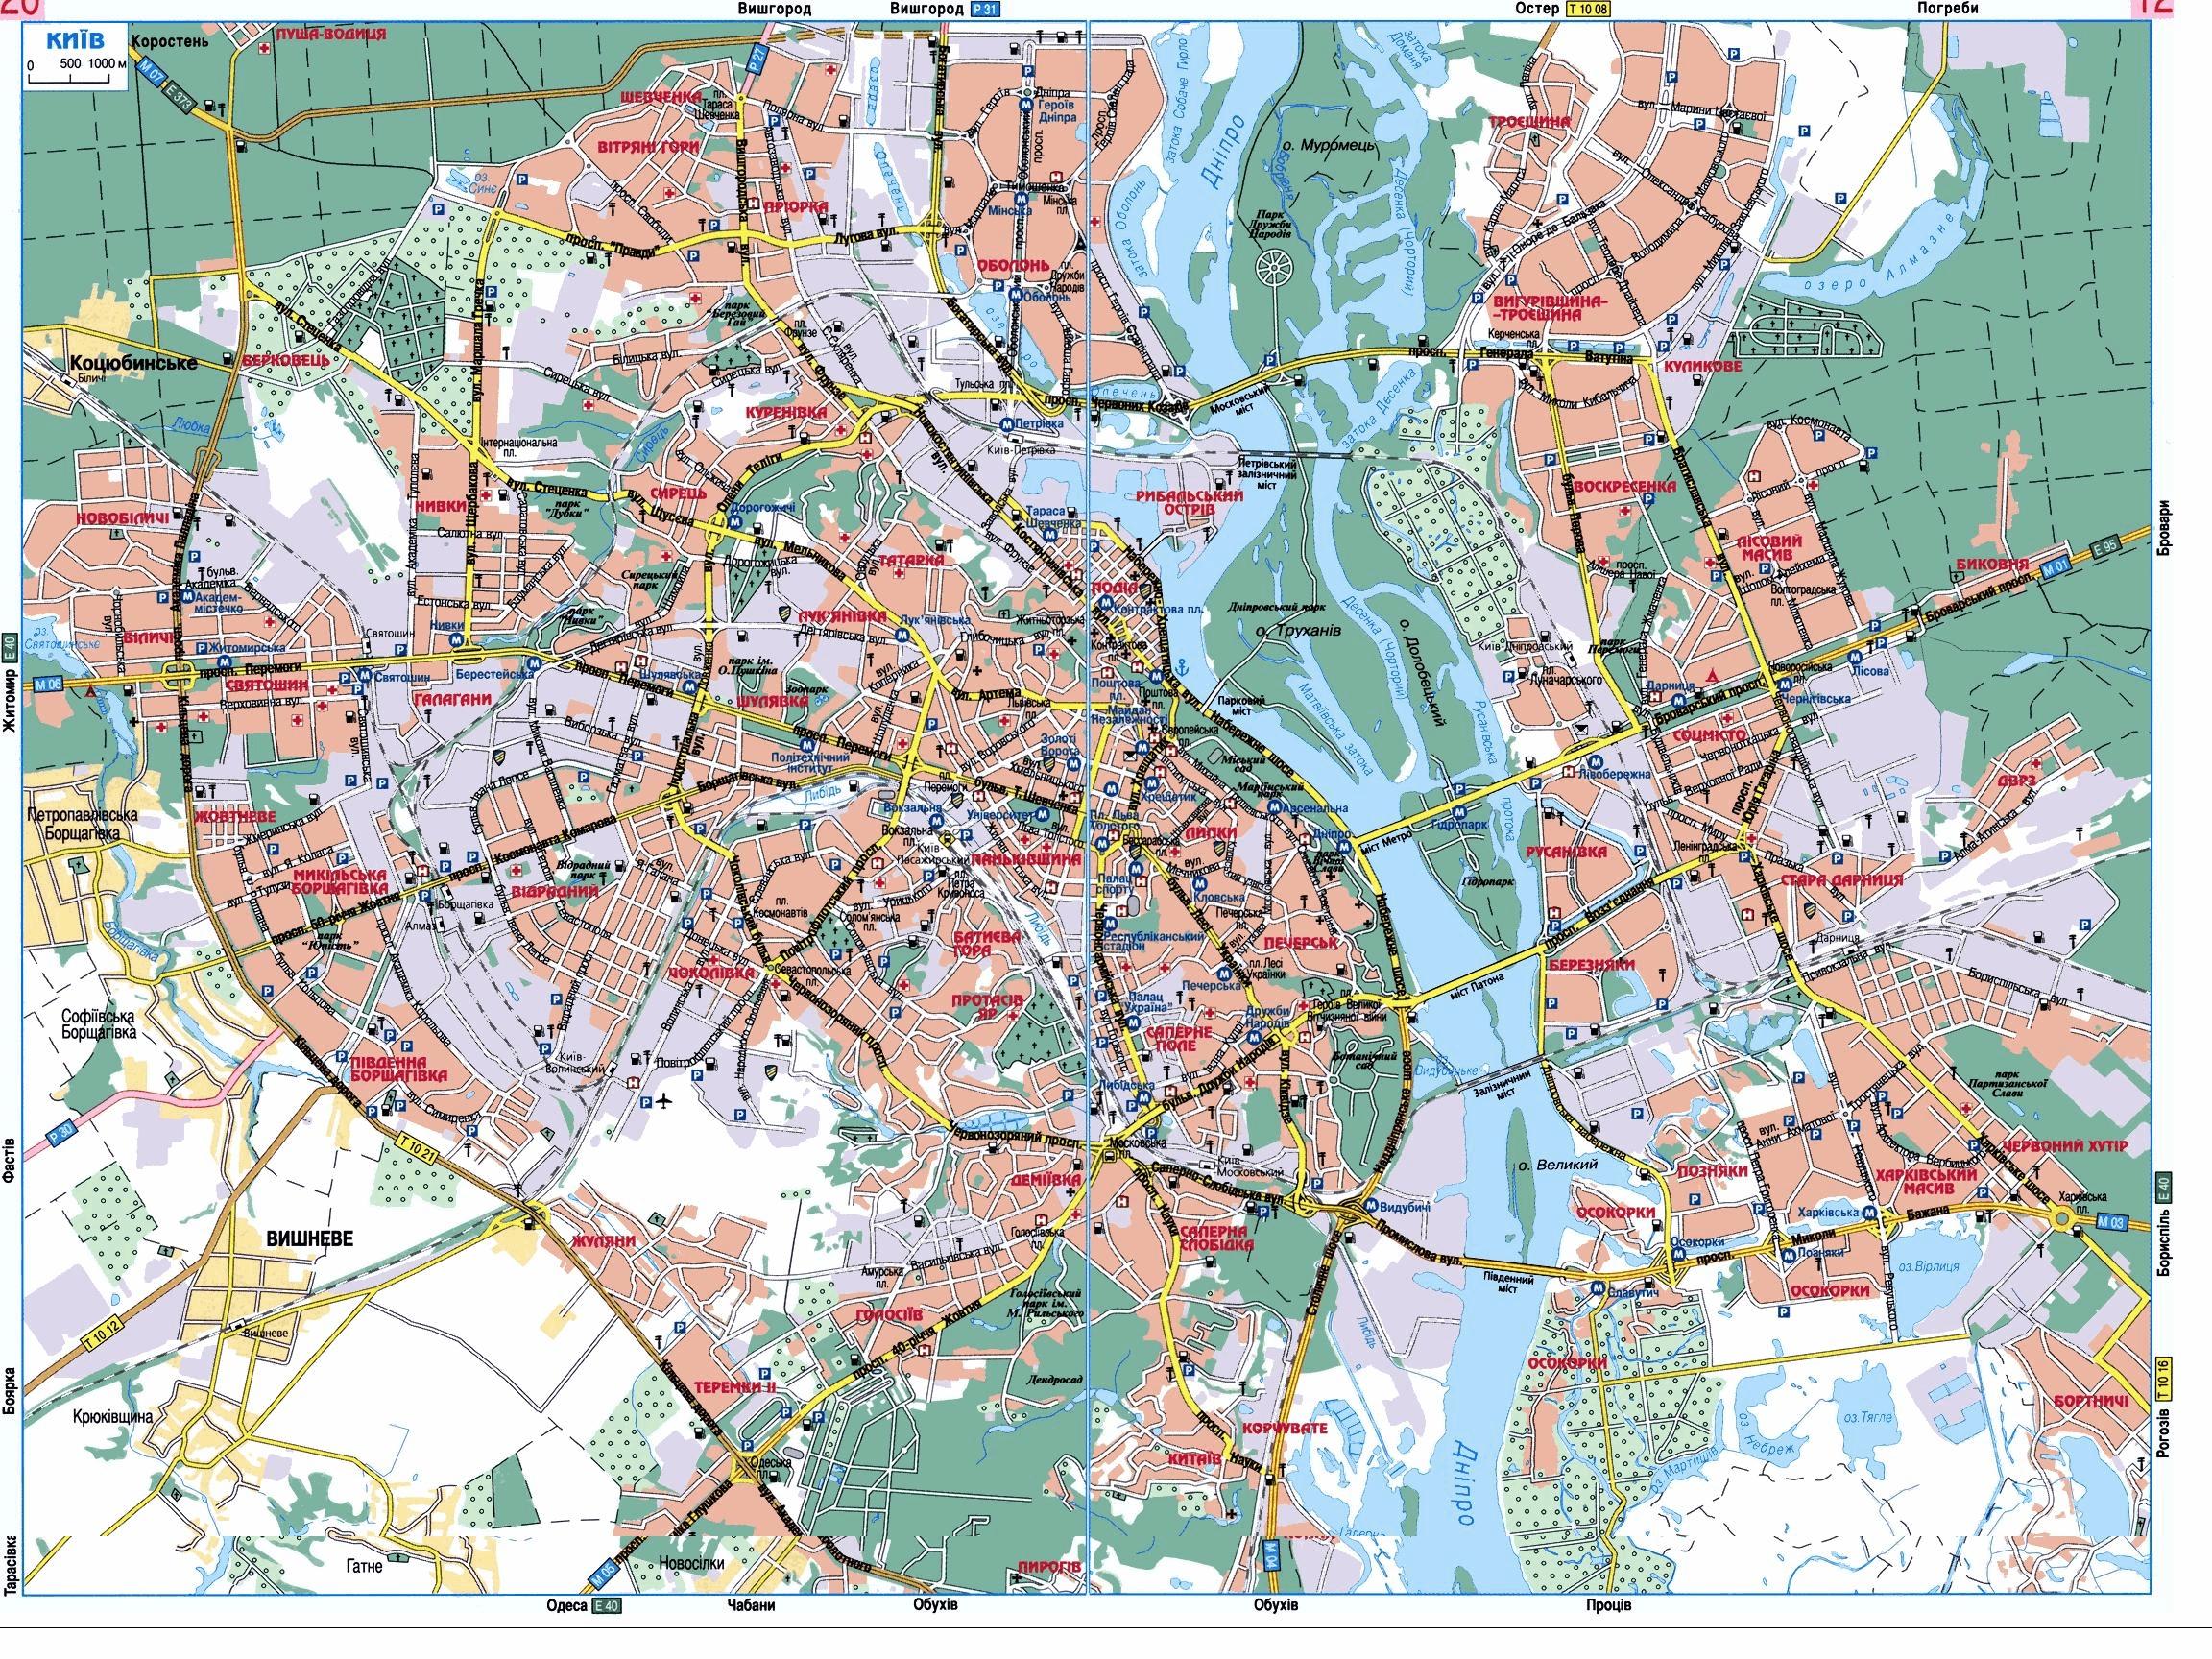 Киев, Украина - Детальная карта, схема, план с улицами и ...: http://karta.putivnyk.com/map.php?lang=ru&ind=Kyiv